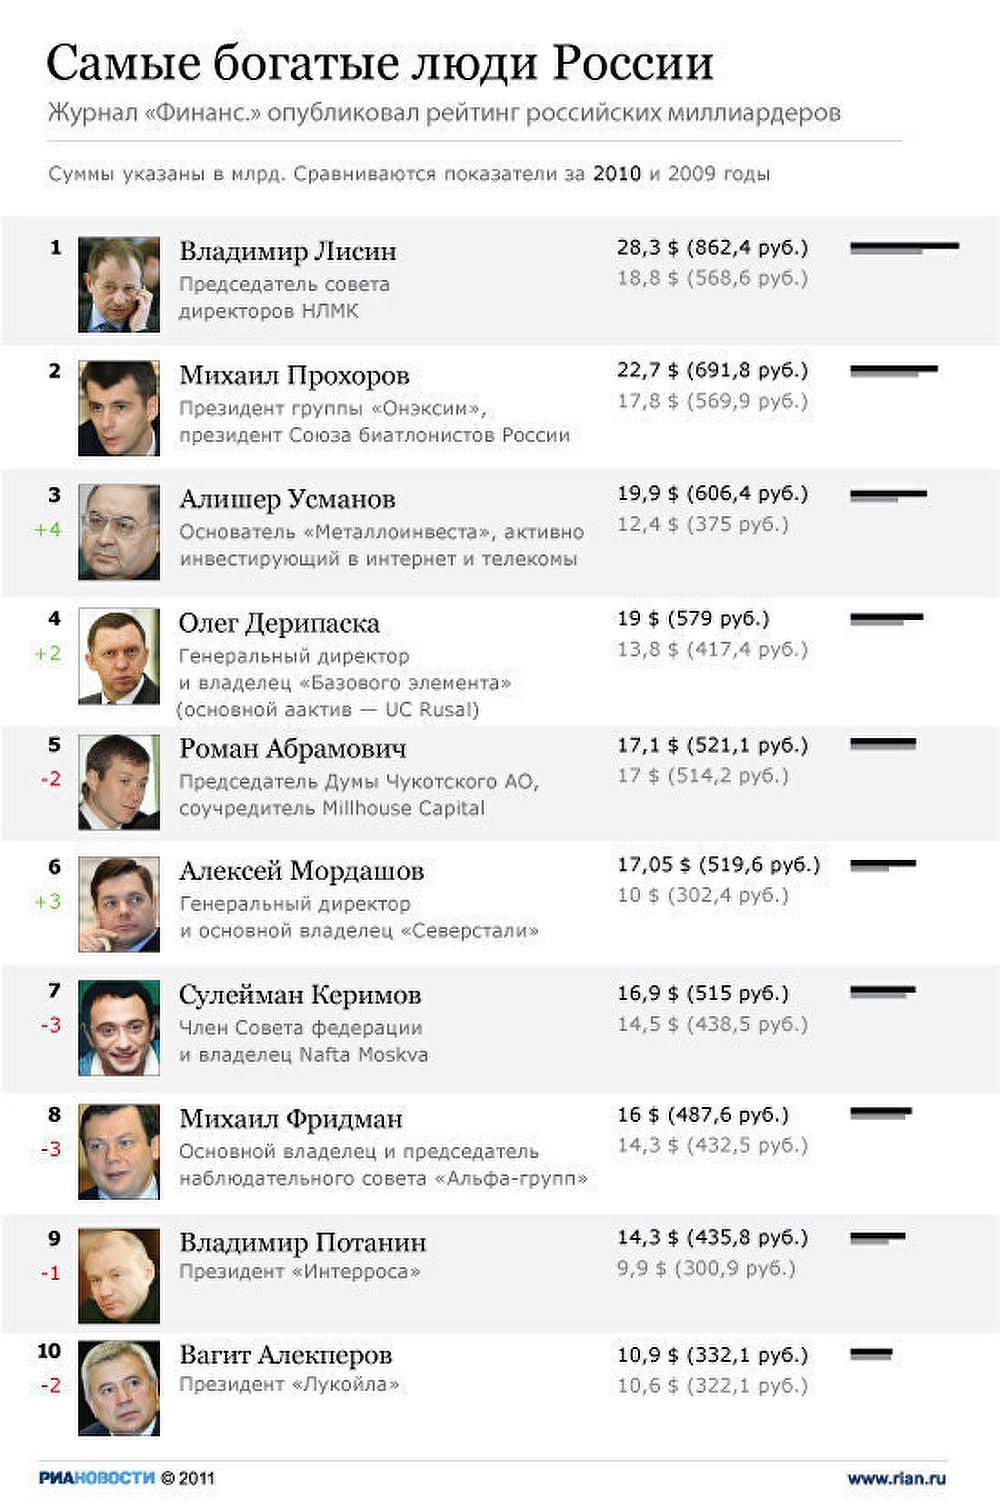 Топ-10 самых богатых россиян по версии Финанс.